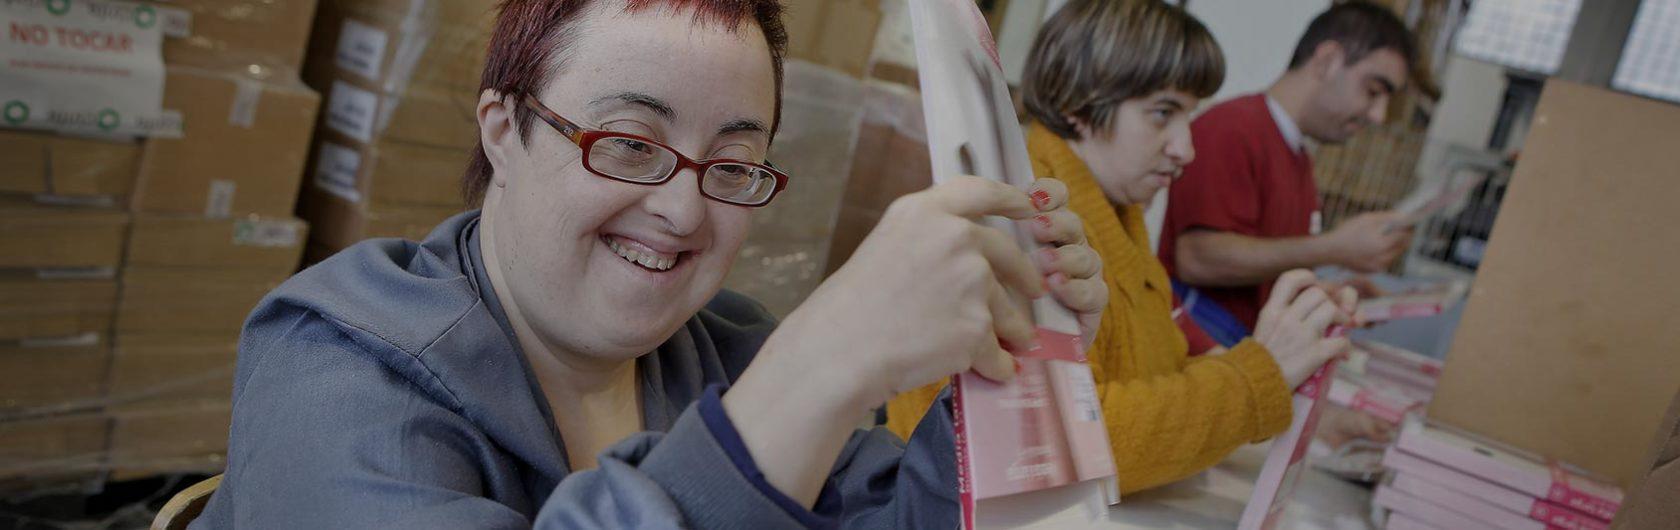 Empleados con discapacidad en su puesto de trabajo